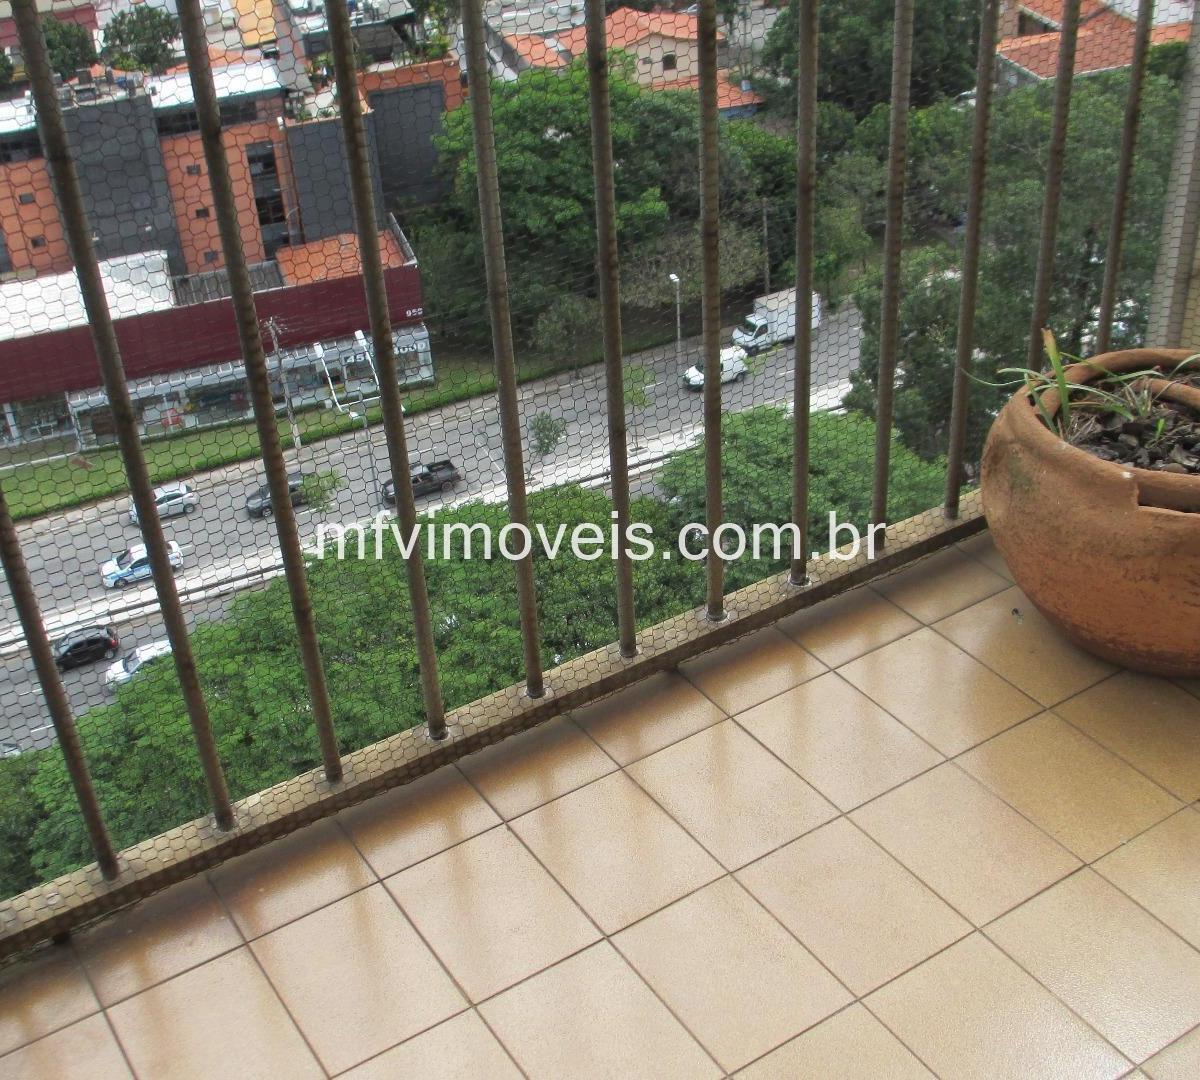 Imagens de #856B46 Apartamento para aluguel com 2 Quartos Vila Olímpia São Paulo R$  1200x1080 px 2520 Box Banheiro Vila Olimpia